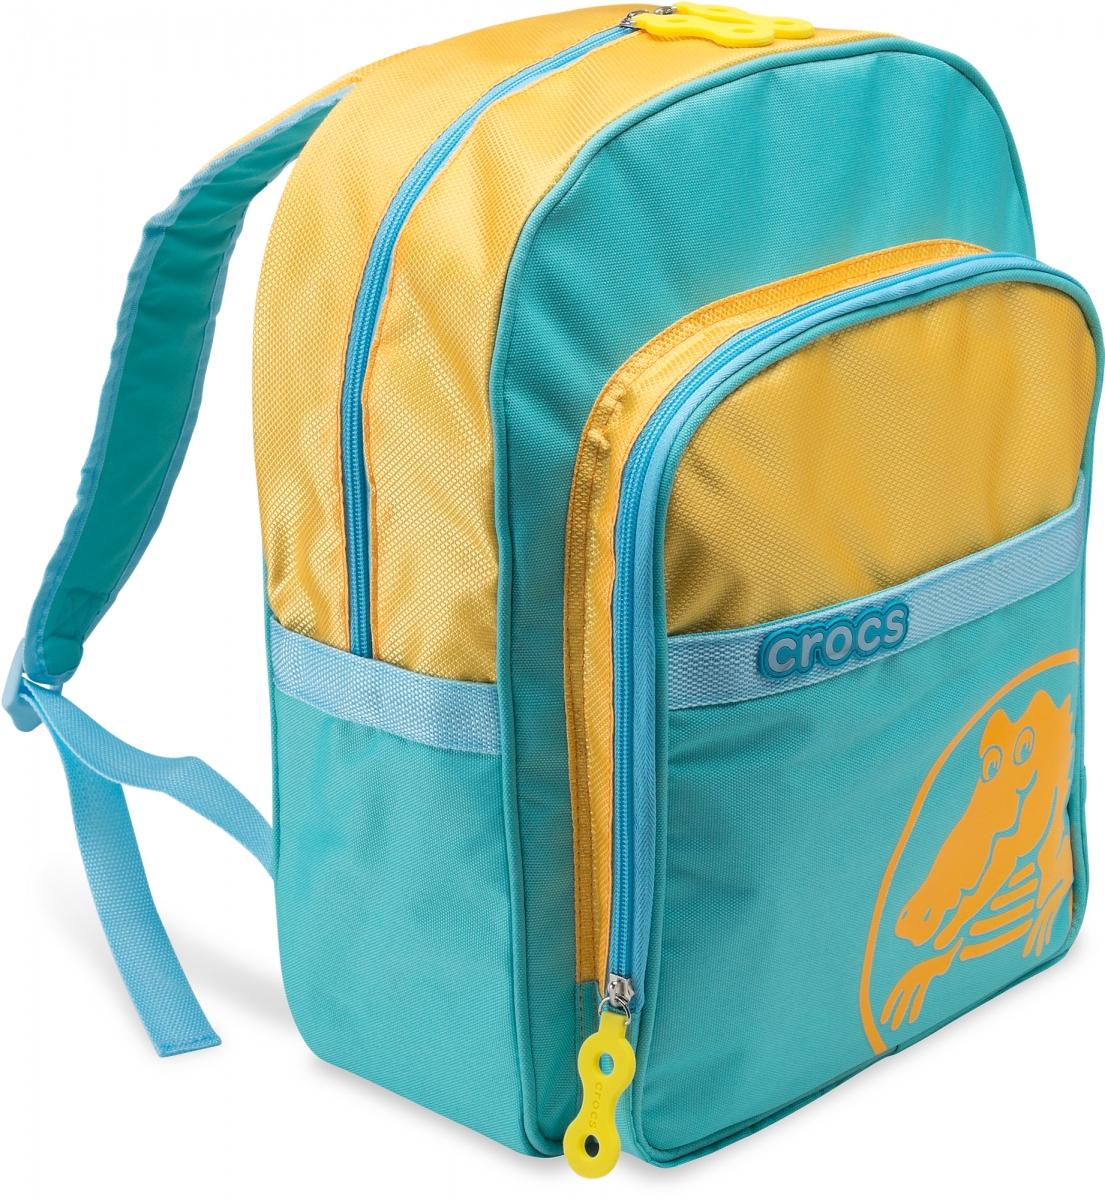 Crocs New Duke Backpack - Surf/Ice Blue/Burst